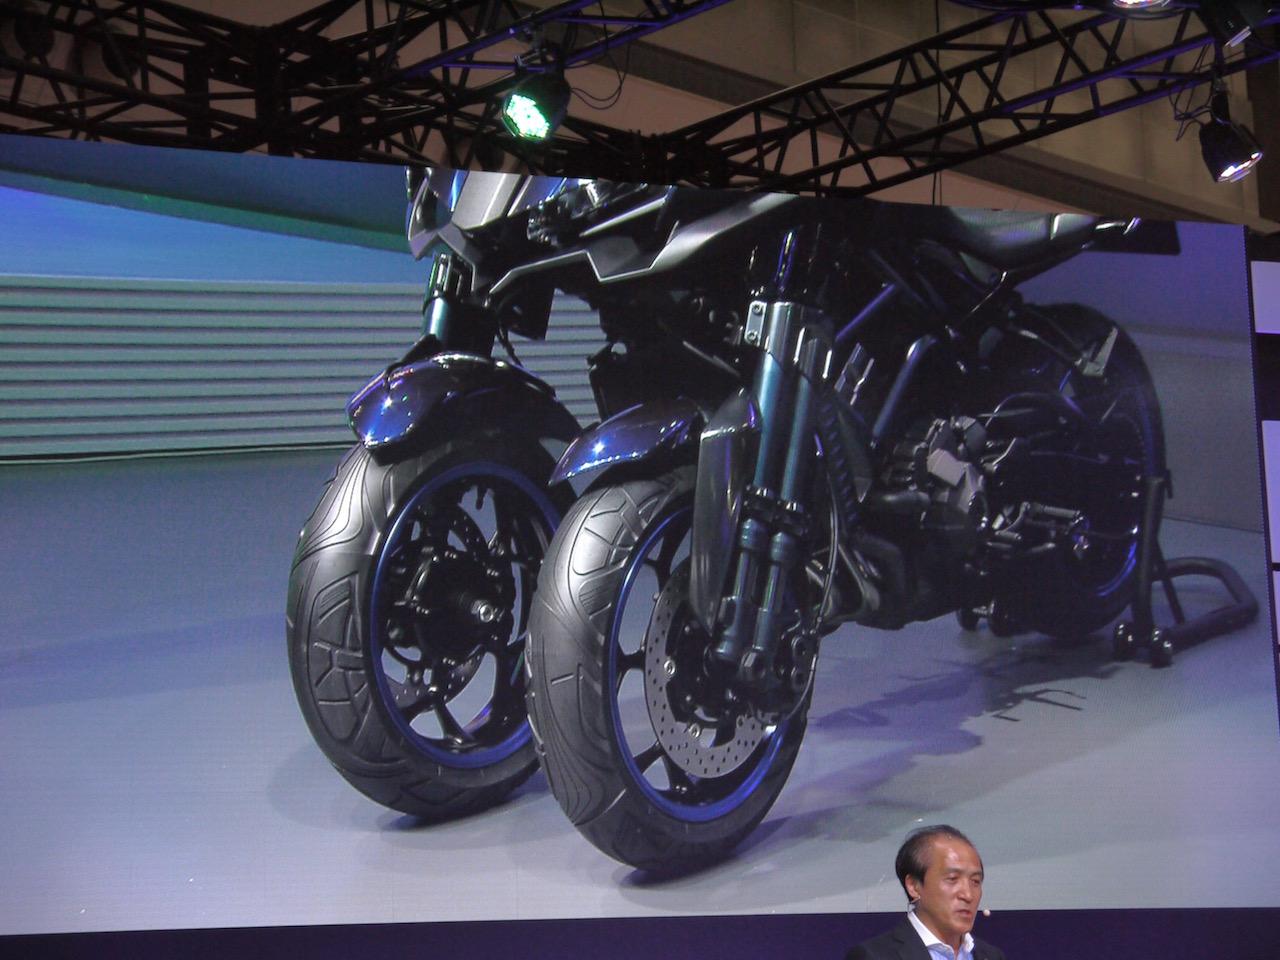 「【東京モーターショー15】ヒト型ロボットを搭載し自律走行するバイクがヤマハブースに登場」の5枚目の画像